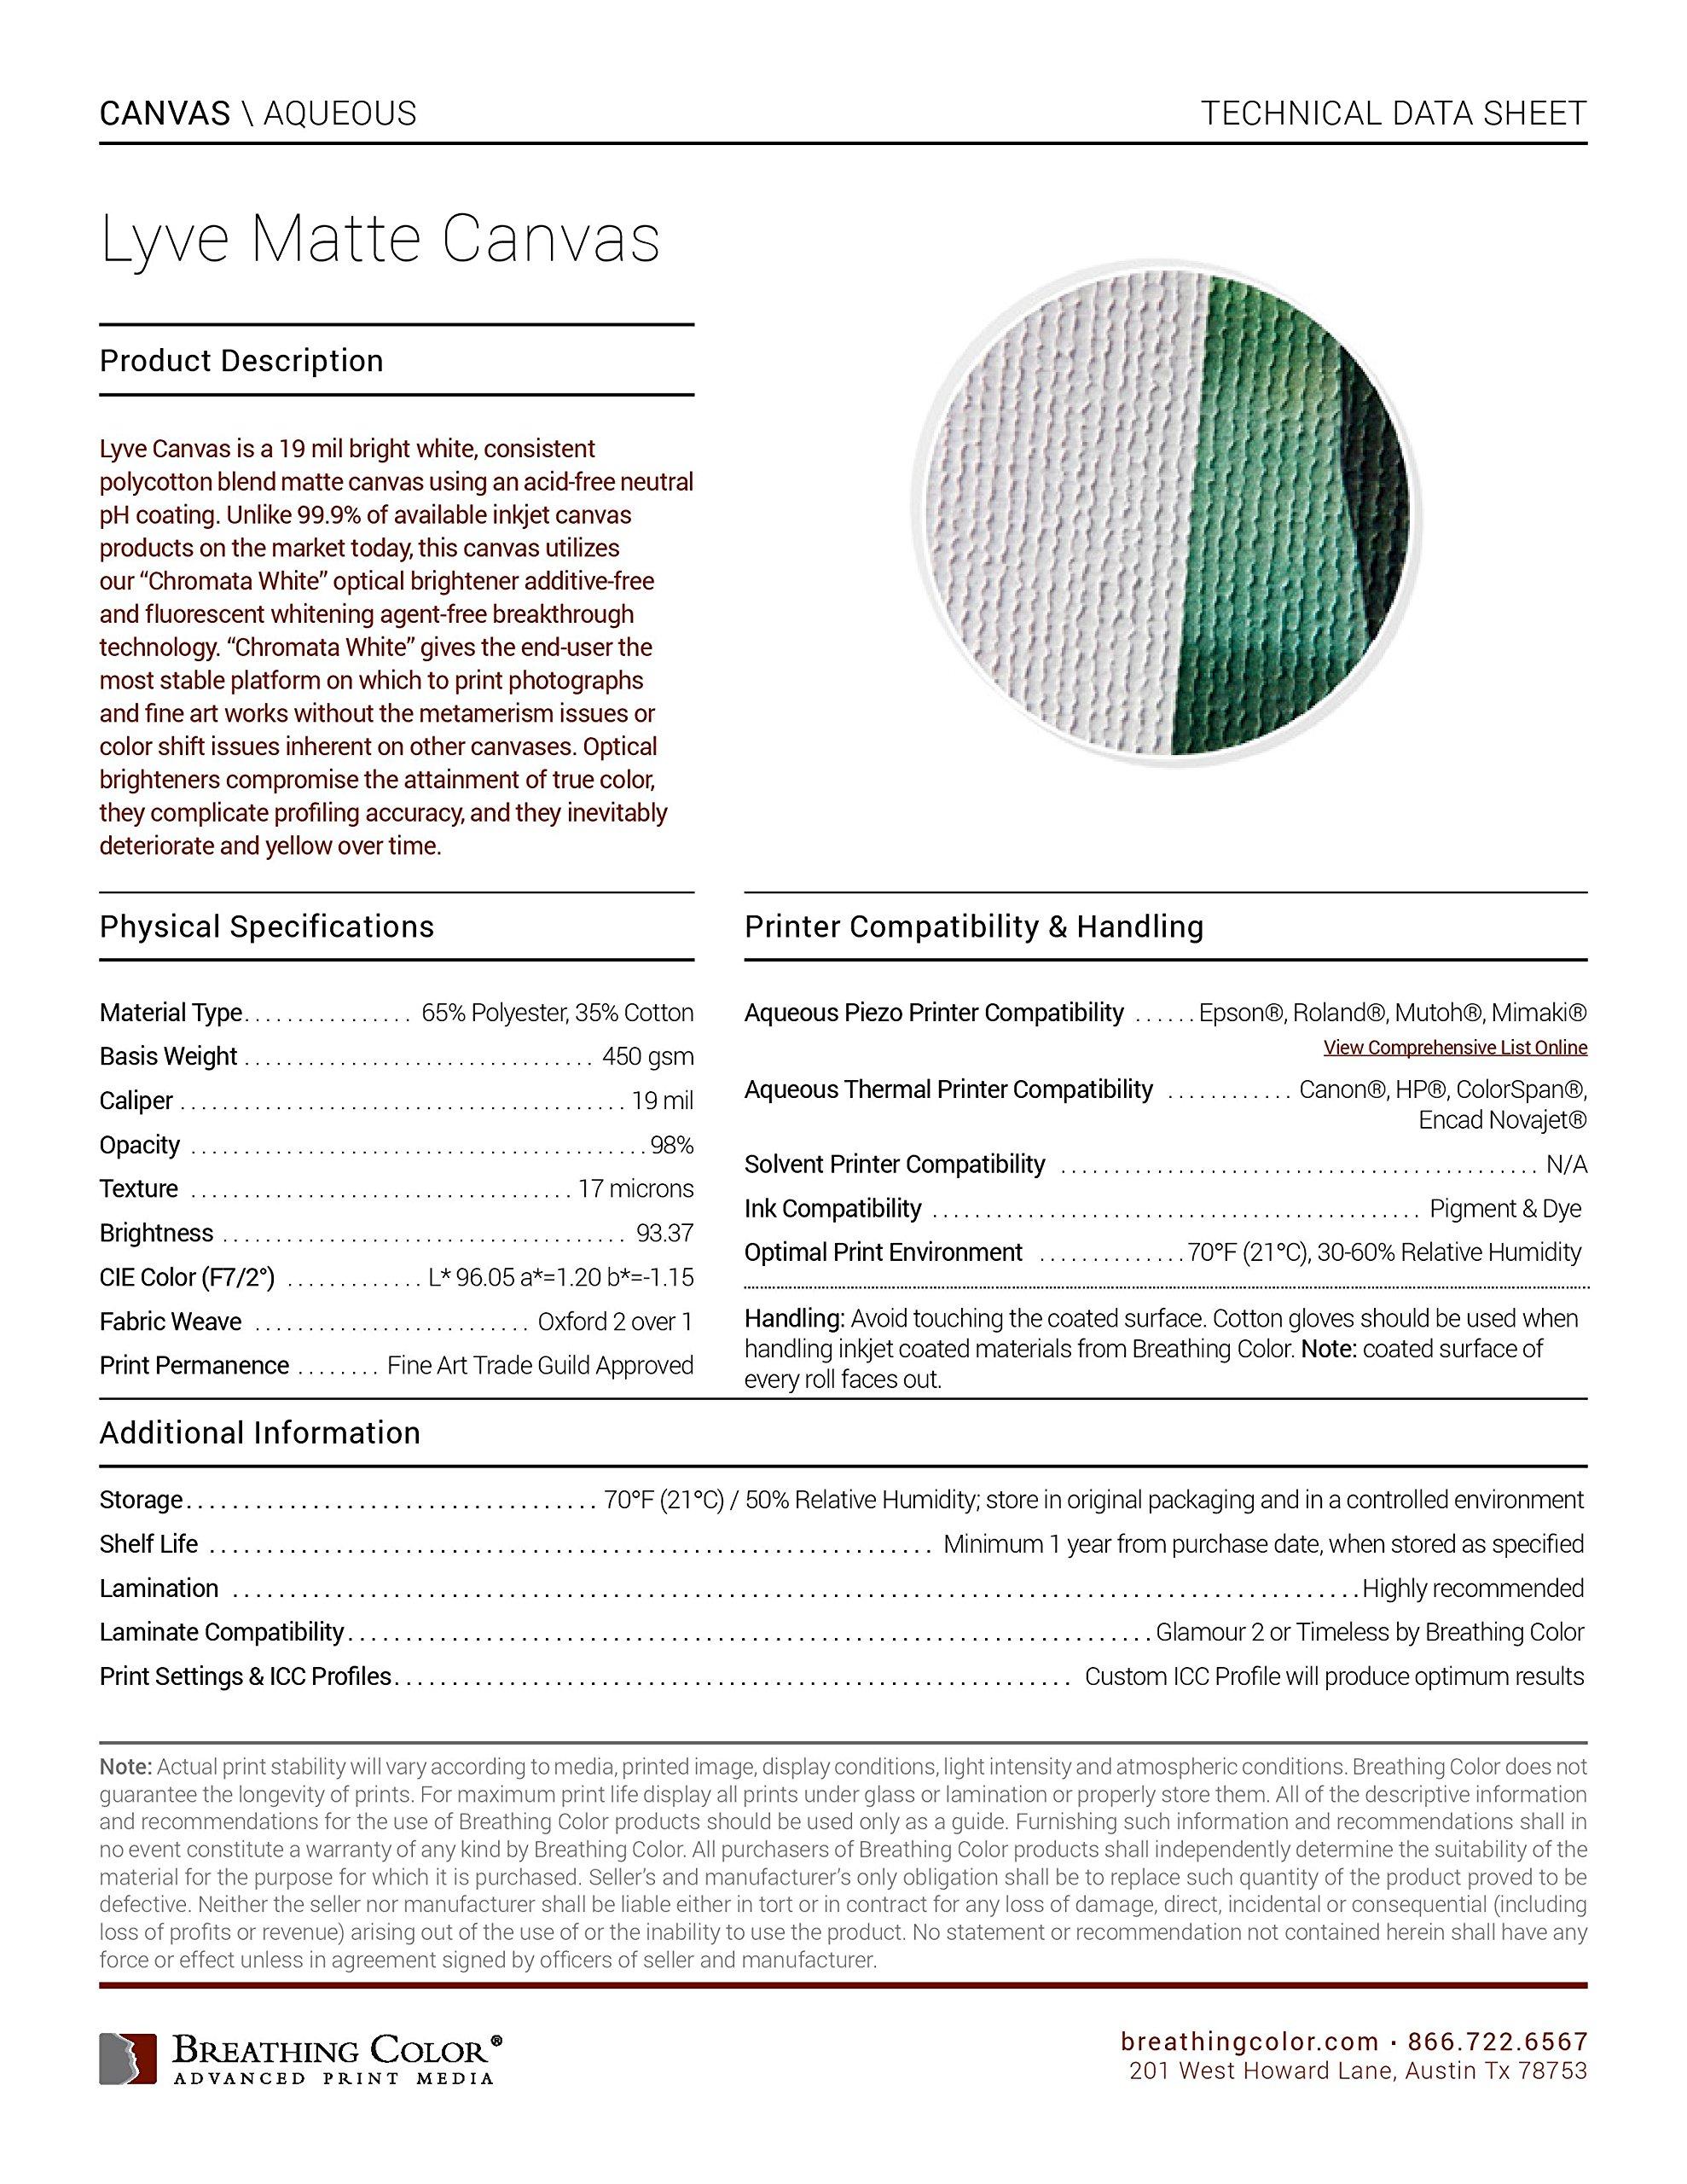 Hp Icc Profile For Canon Printer